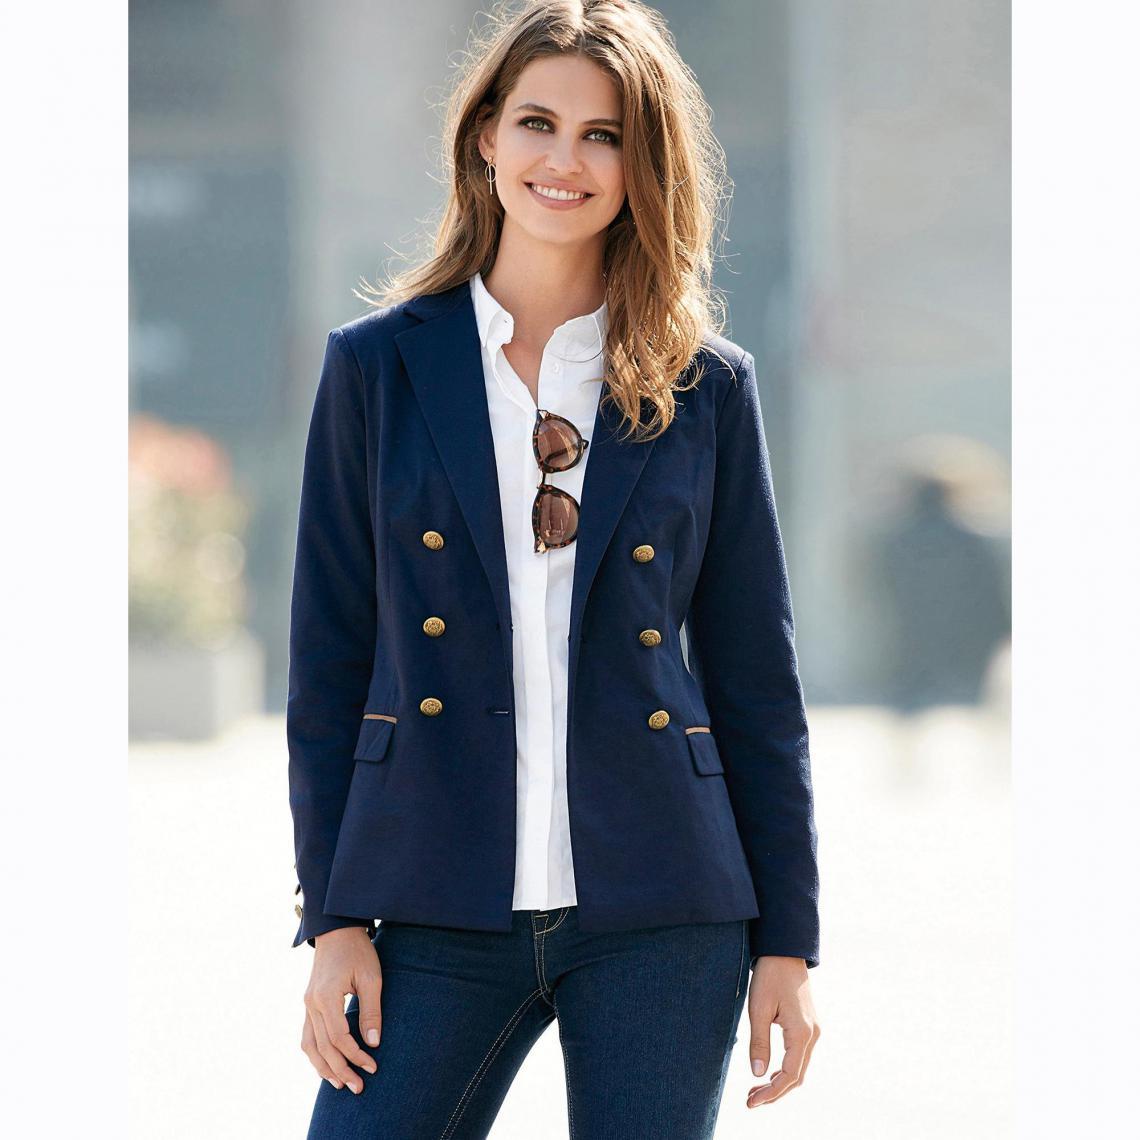 92220352dd8 Veste manches longues double boutonnage femme - Bleu 3 SUISSES Femme